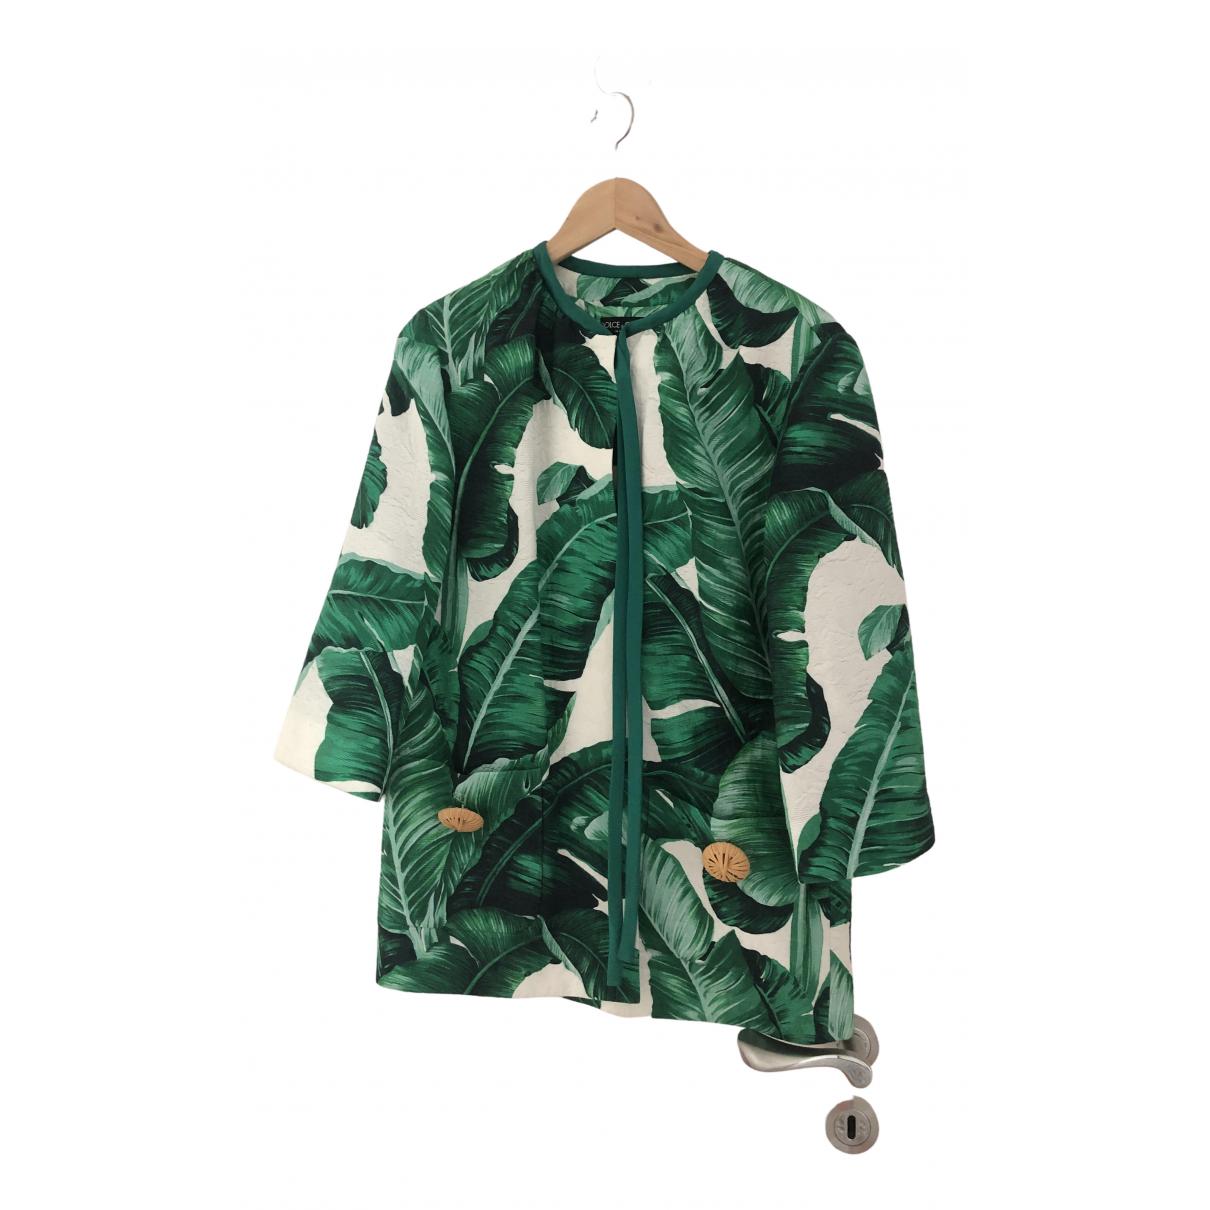 Dolce & Gabbana \N Green Silk jacket for Women 38 IT